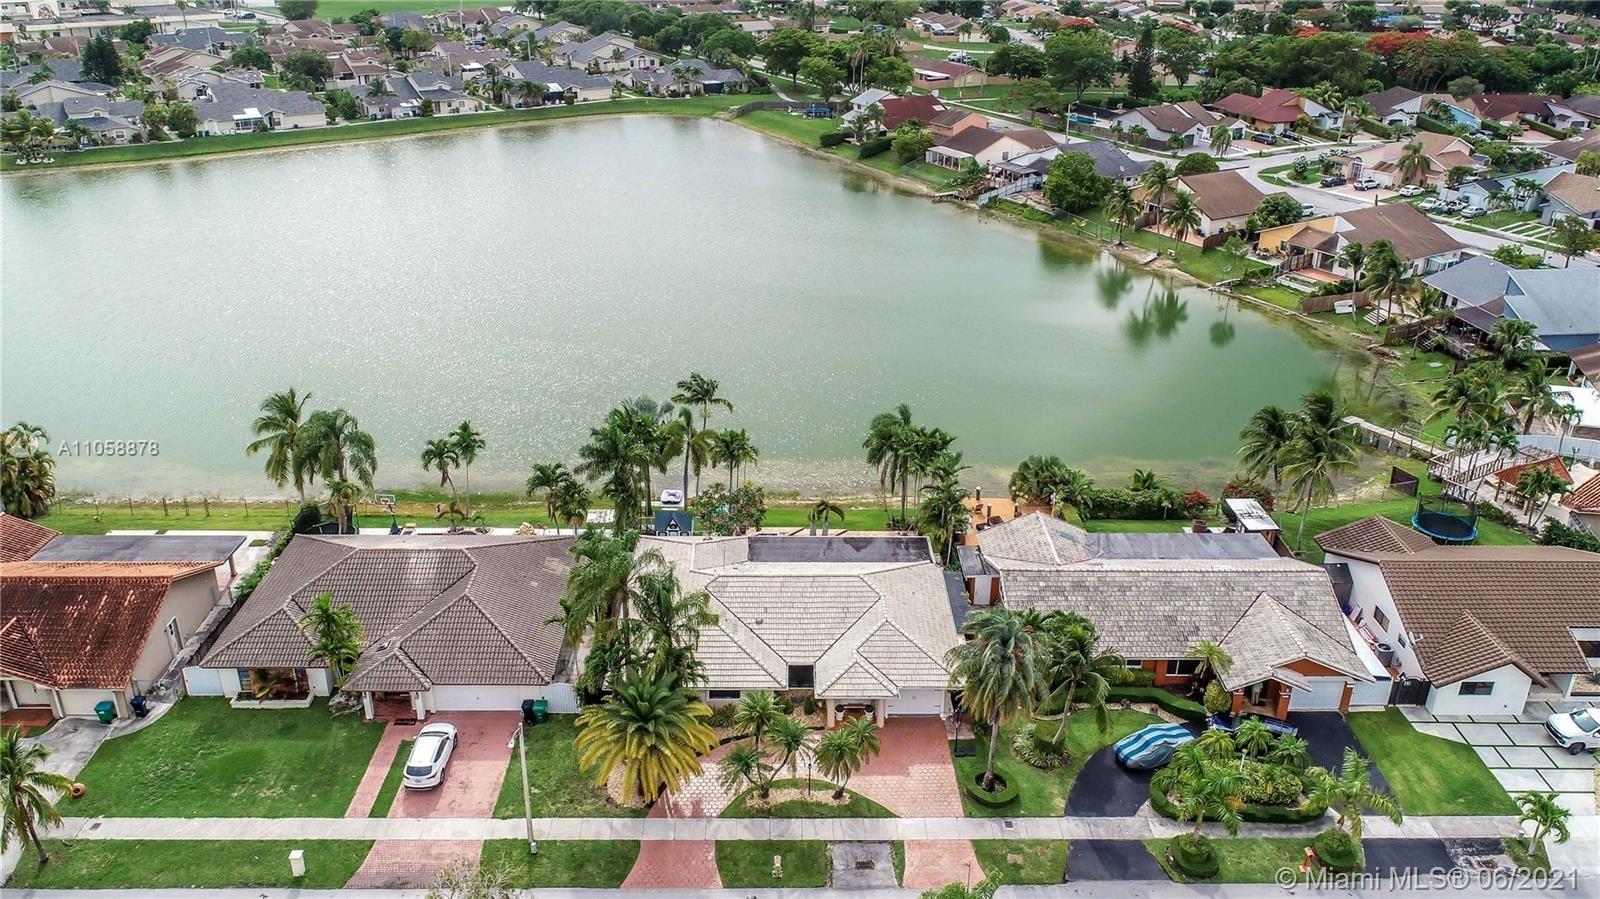 6921 SW 155th Ave, Miami, FL 33193 - #: A11058878